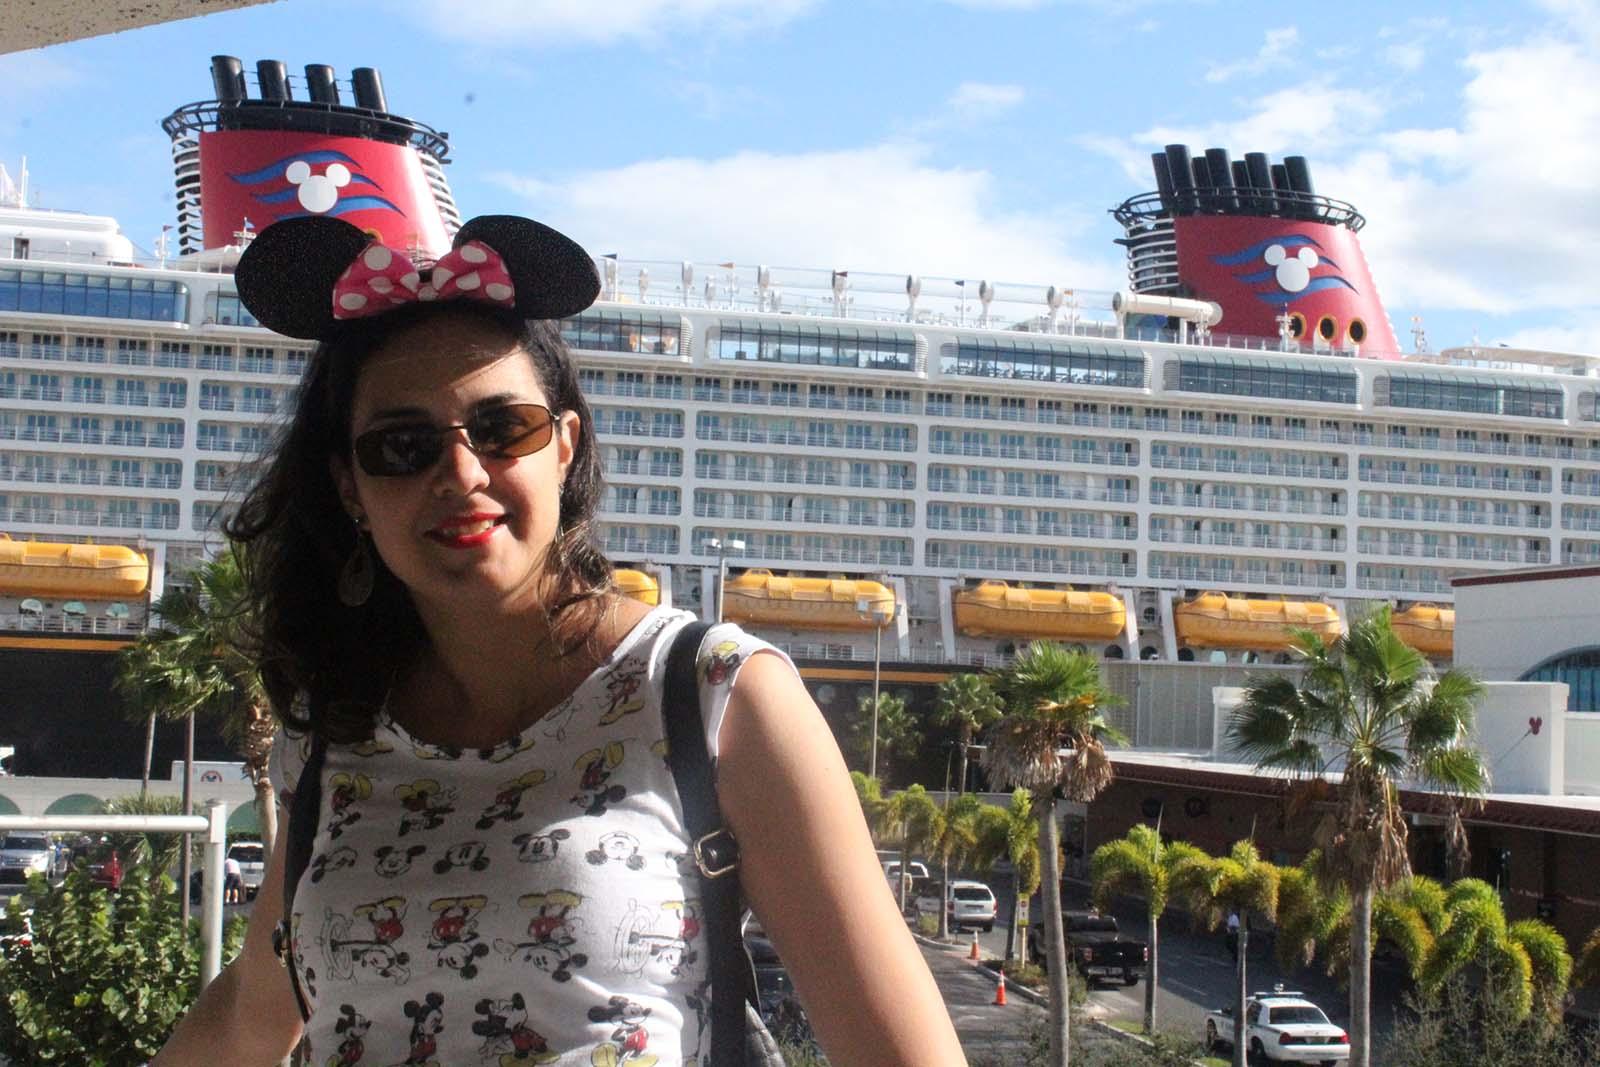 Um roteiro de três dias a bordo do cruzeiro do Mickey.